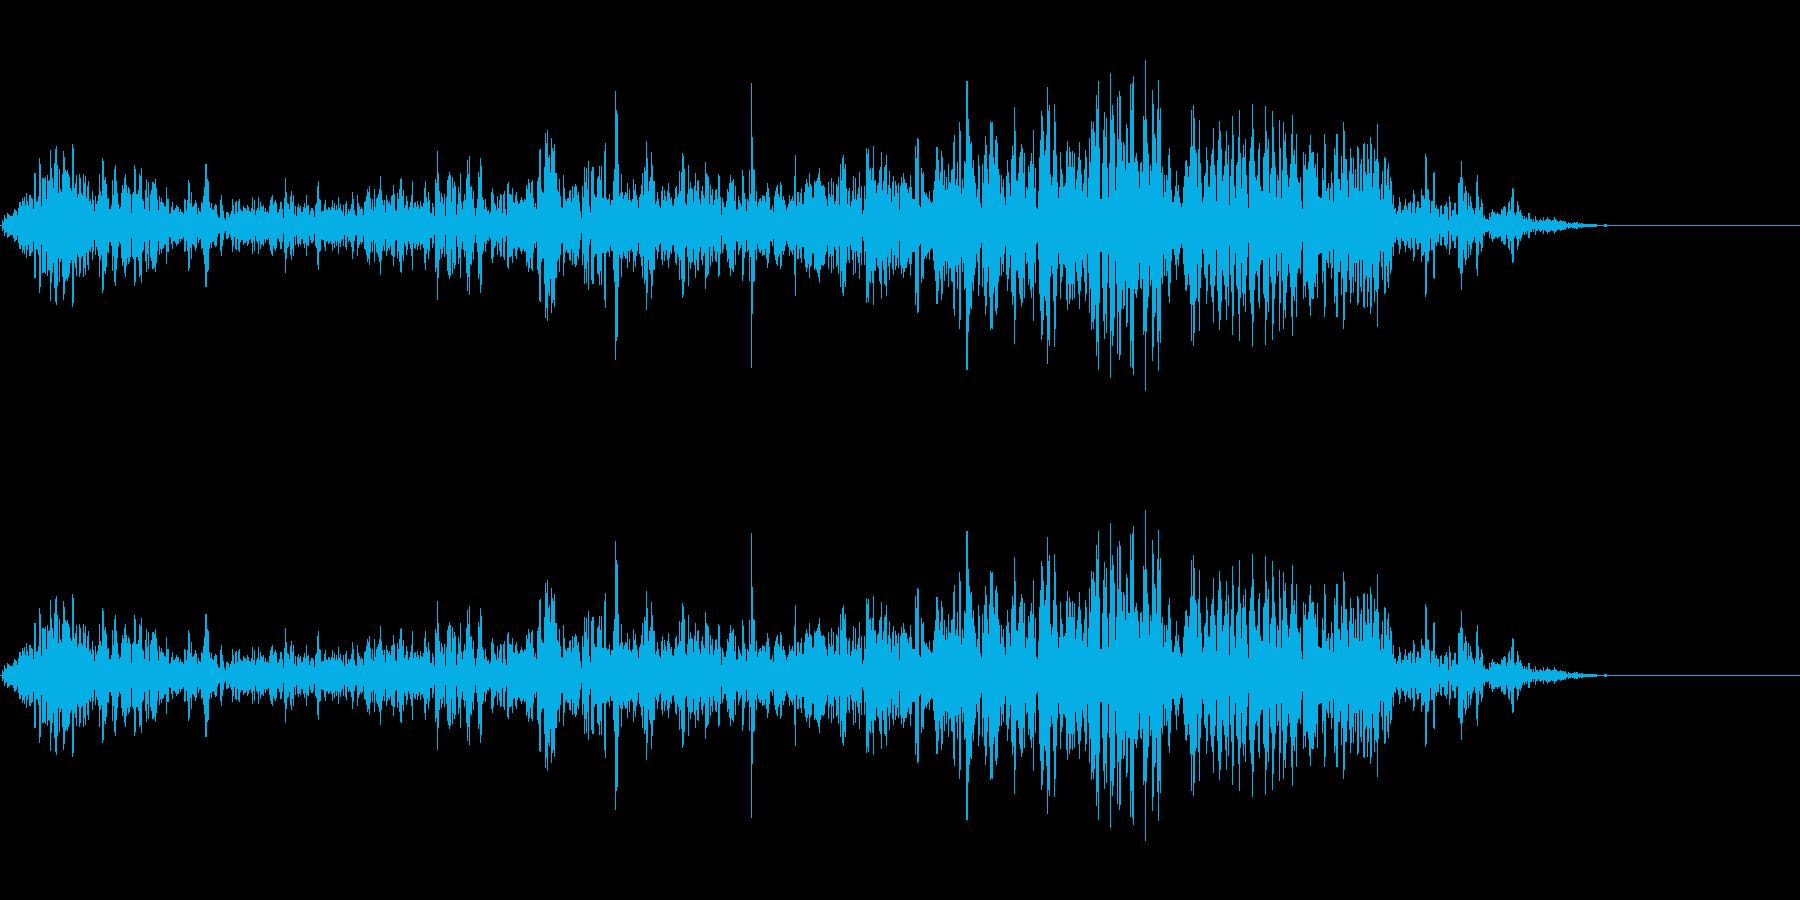 ガルルルル (大型の獣が唸る声)の再生済みの波形